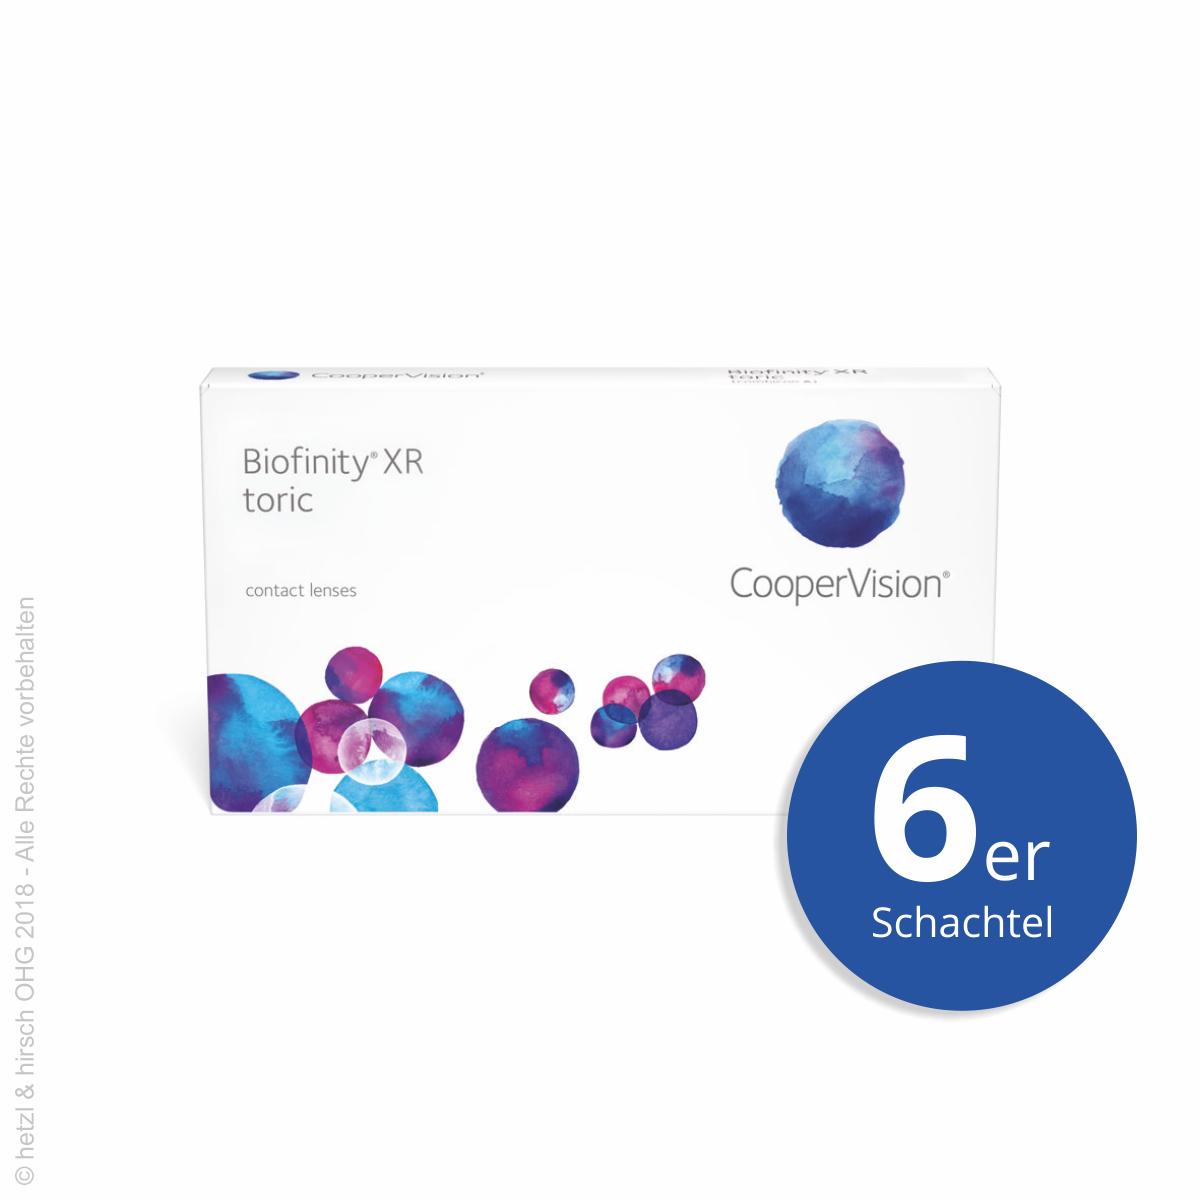 günstig niedriger Preis auf Lager CooperVision Biofinity XR toric 6er Monatslinsen